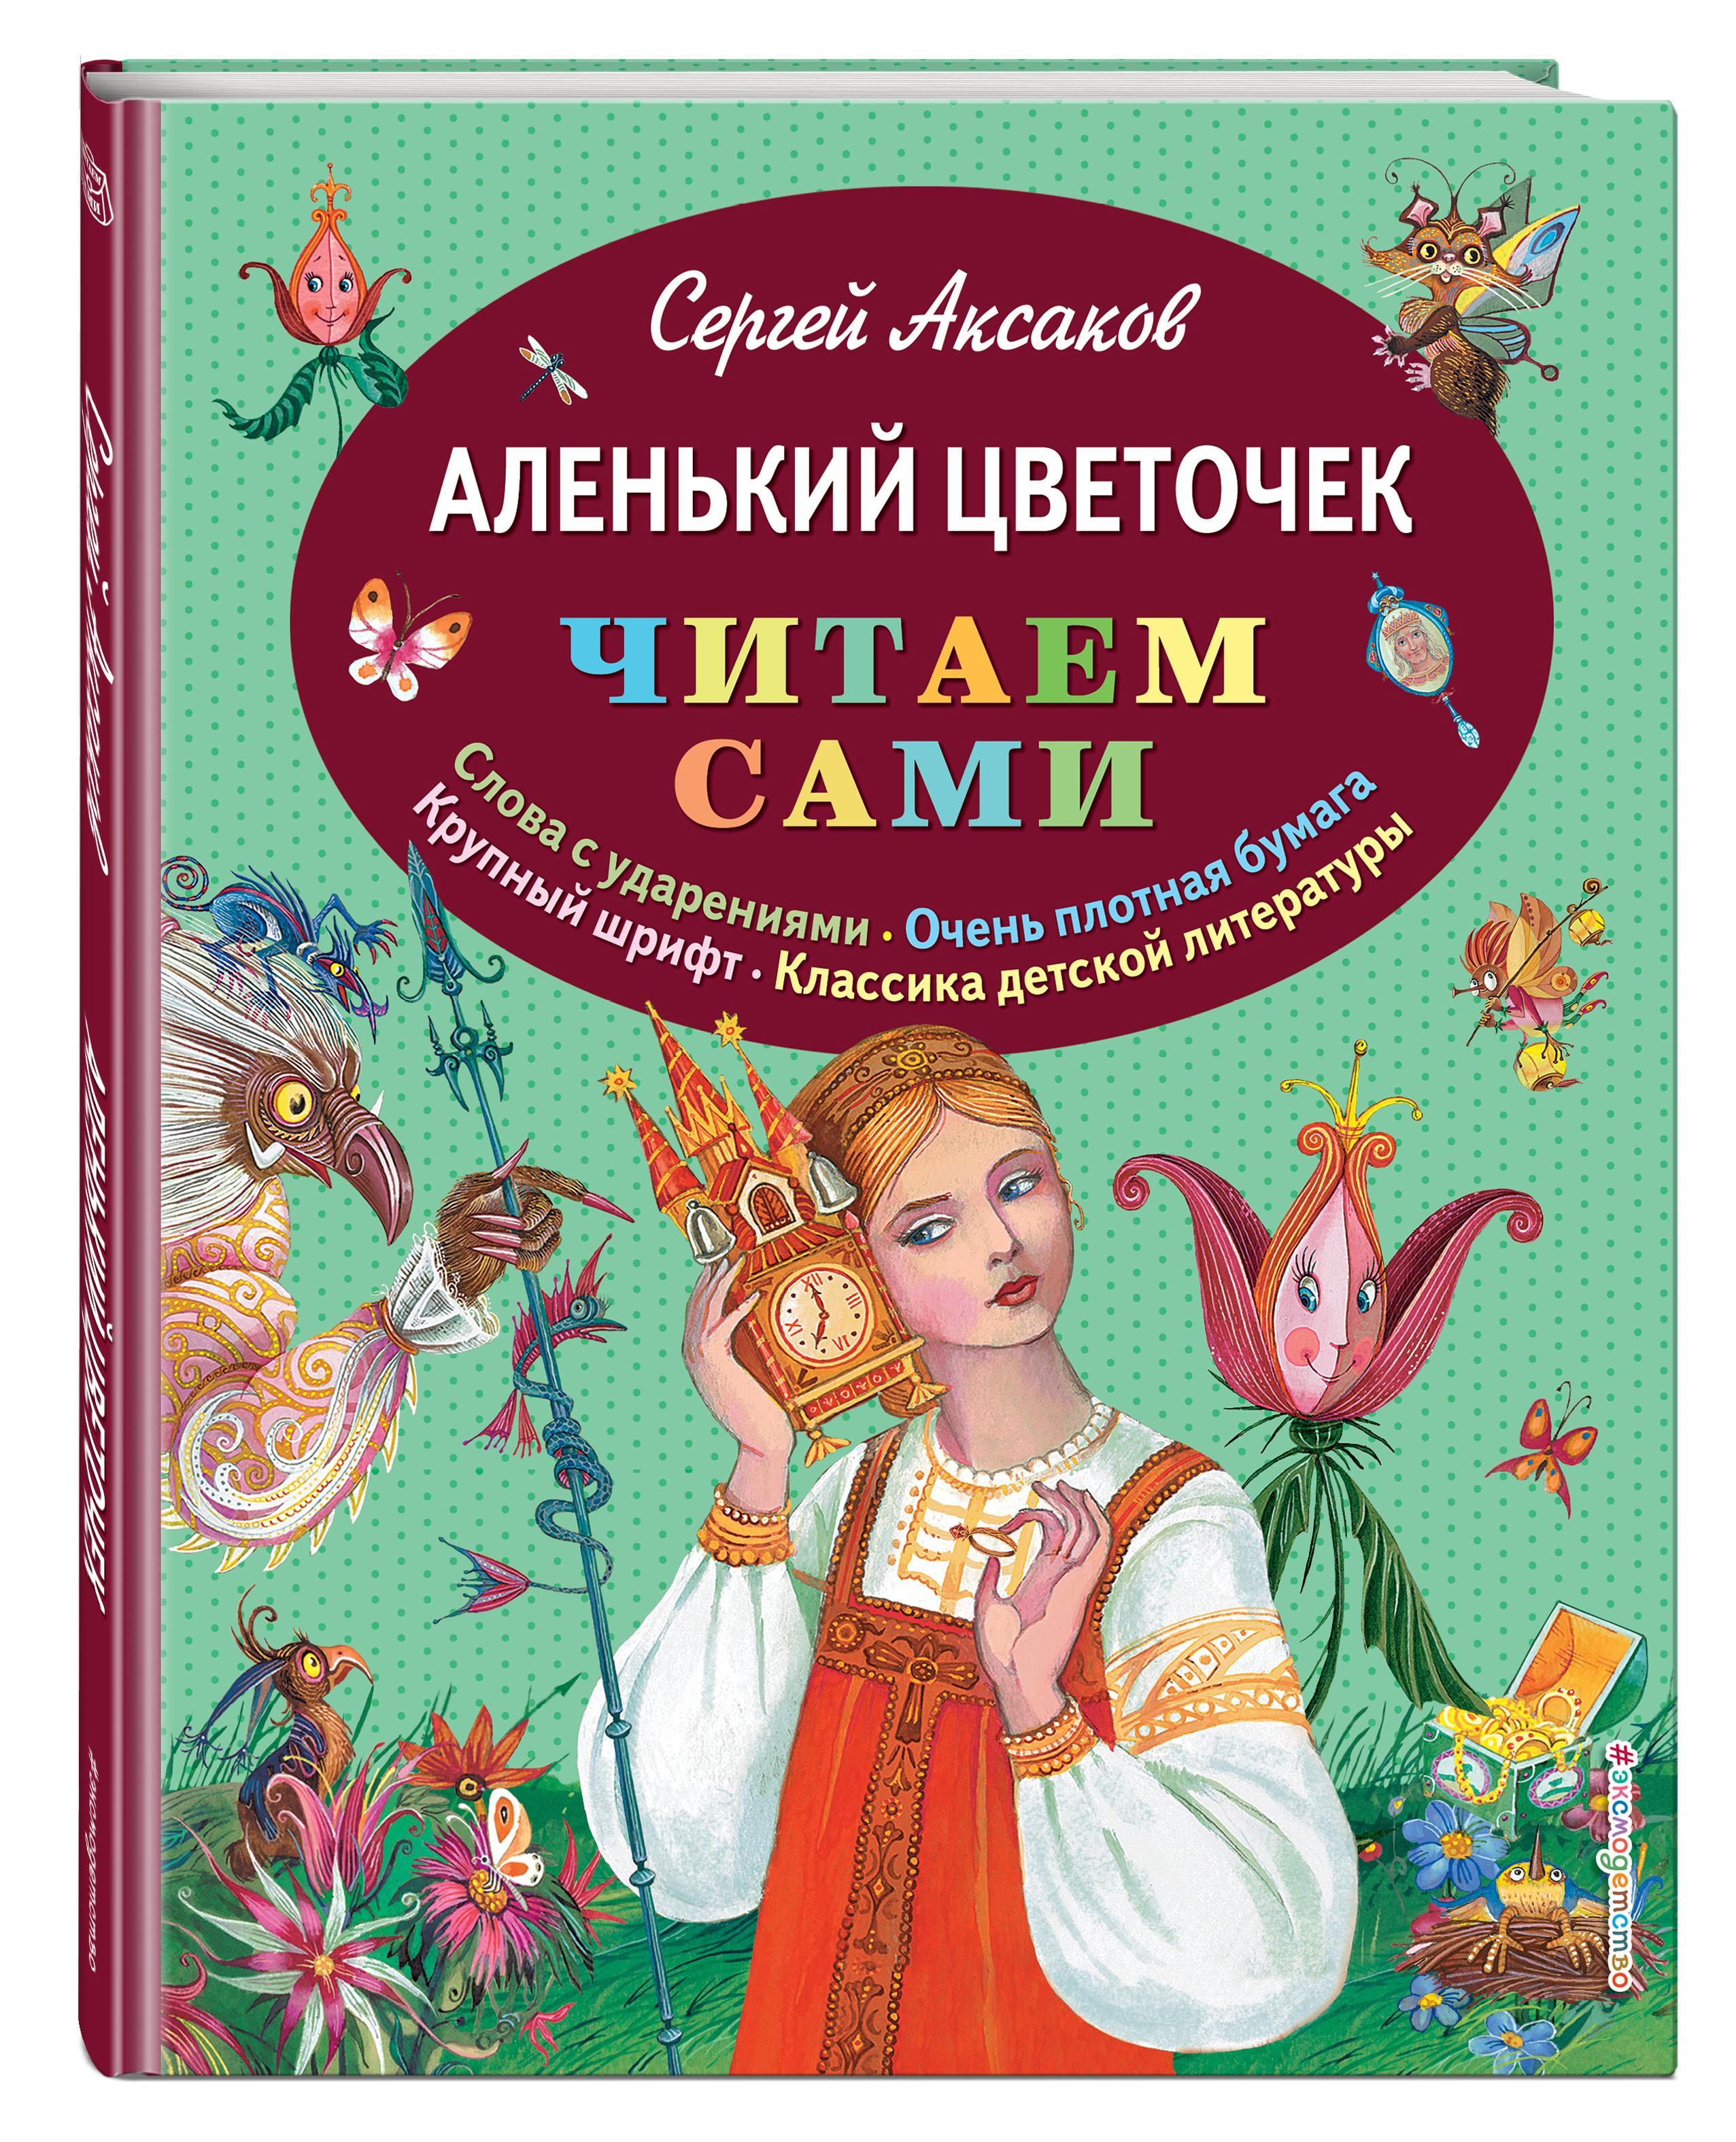 Сергей Аксаков Аленький цветочек (ил. М. Митрофанова)